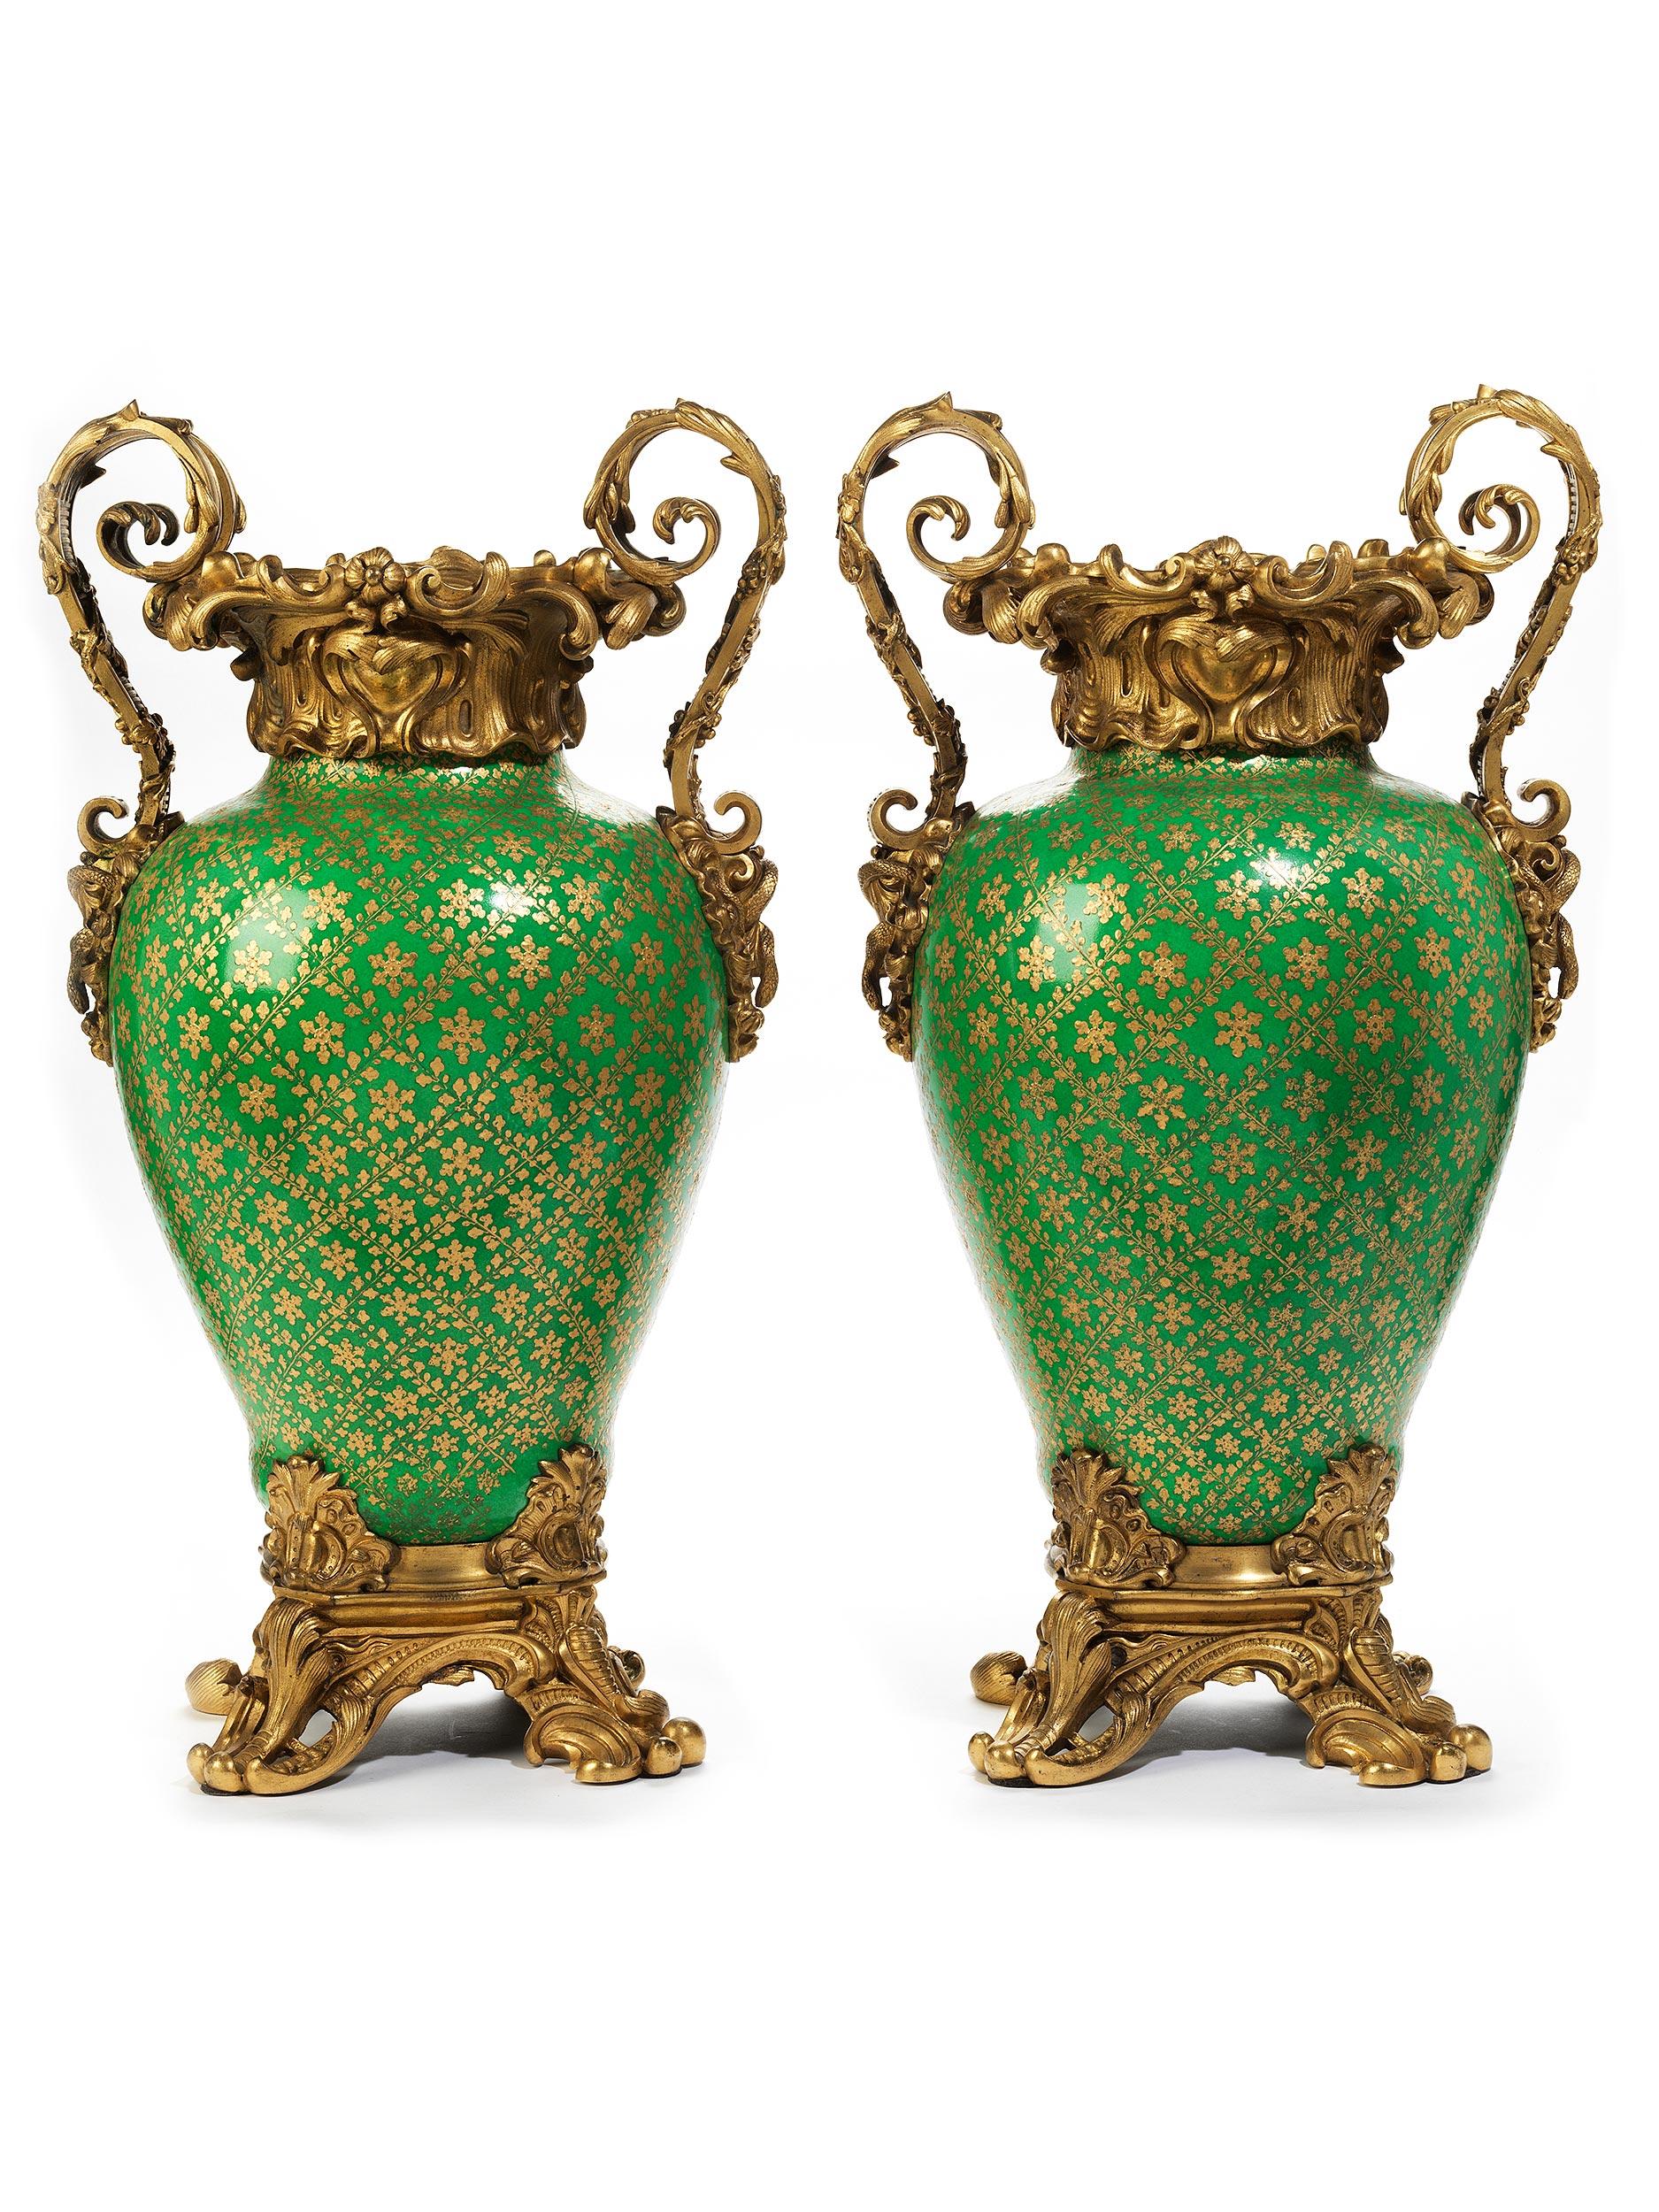 Paar imposante Porzellanziervasen mit vergoldeter Bronzemontierung